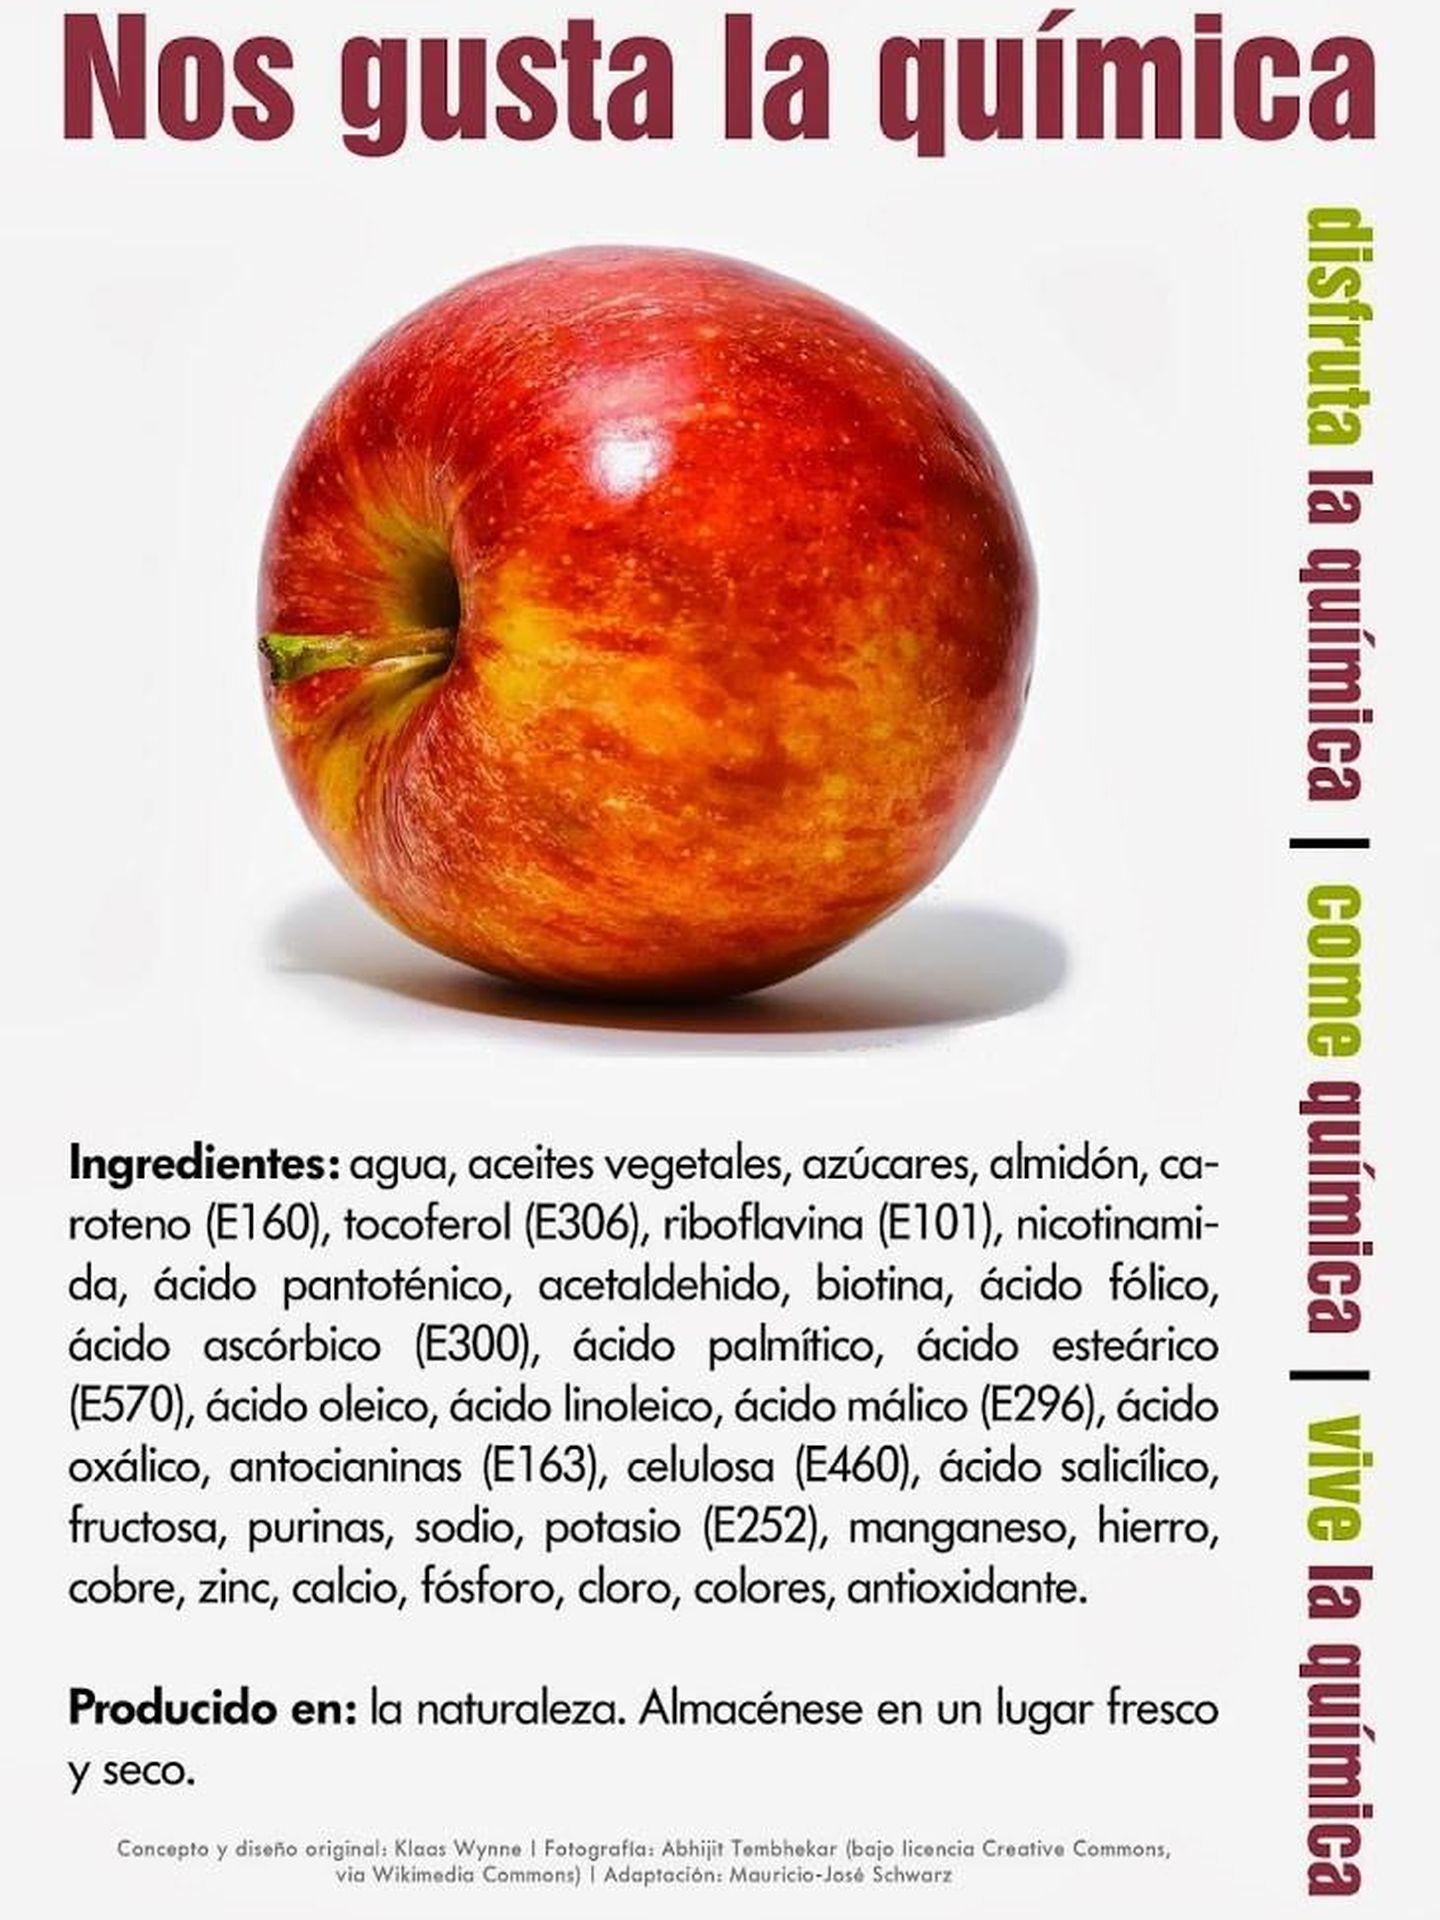 Composición química de la manzana.